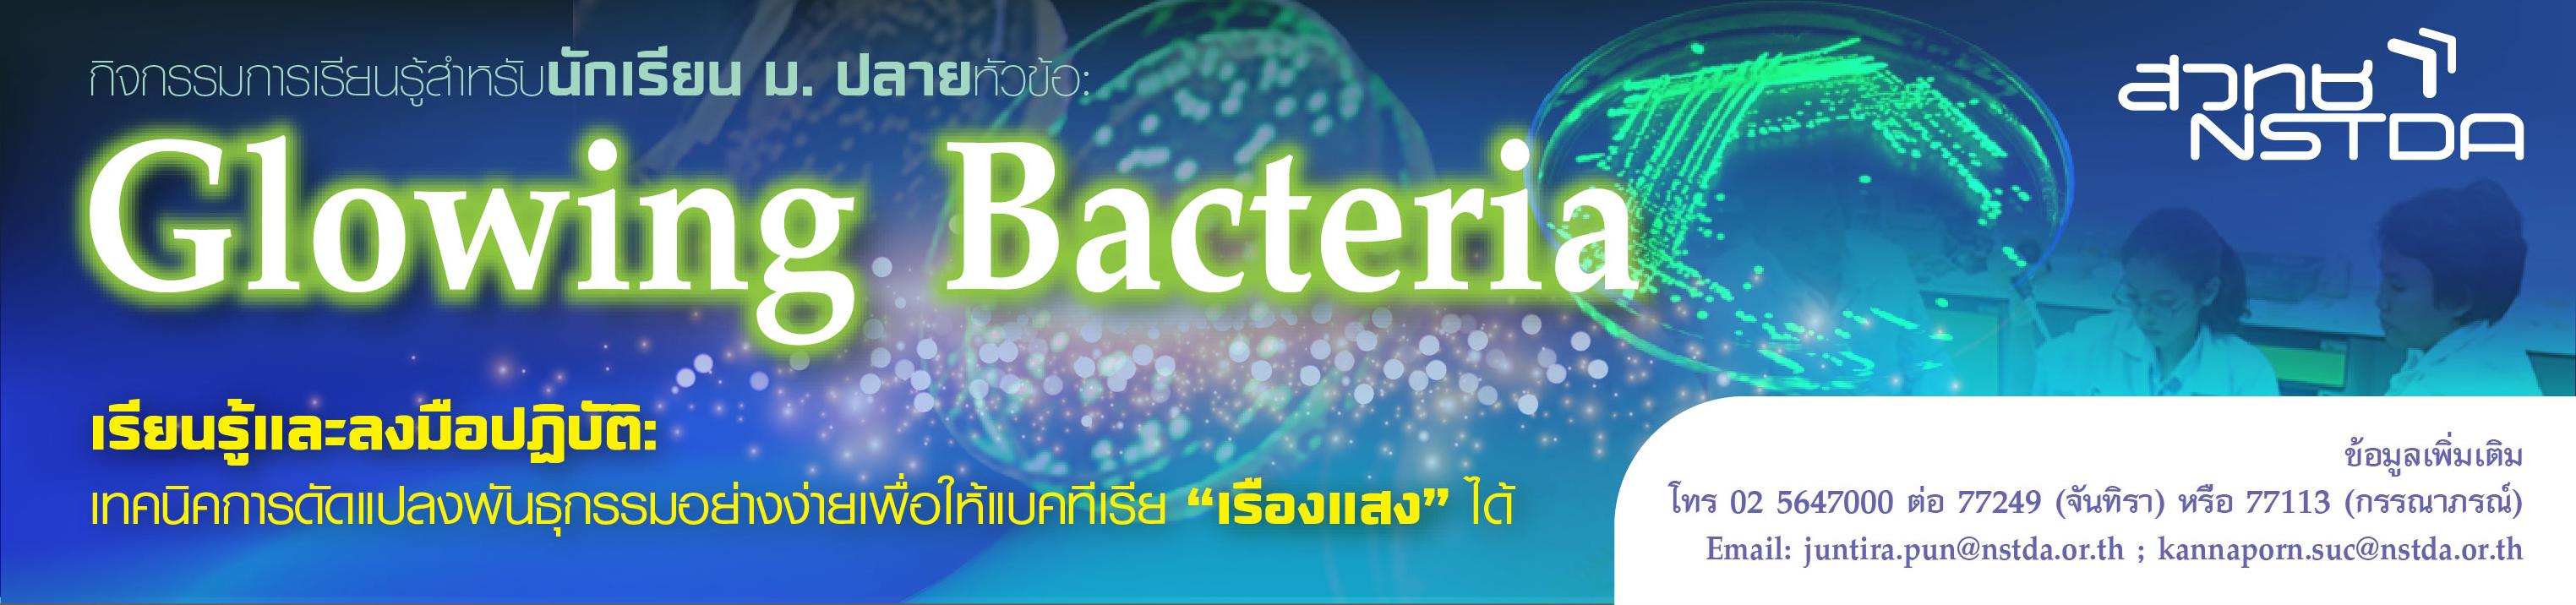 การฝึกอบรมหลักสูตรเฉพาะทางด้านจุลชีววิทยาประยุกต์สำหรับเยาวชนไทย ประจำปี 2563 หัวข้อ